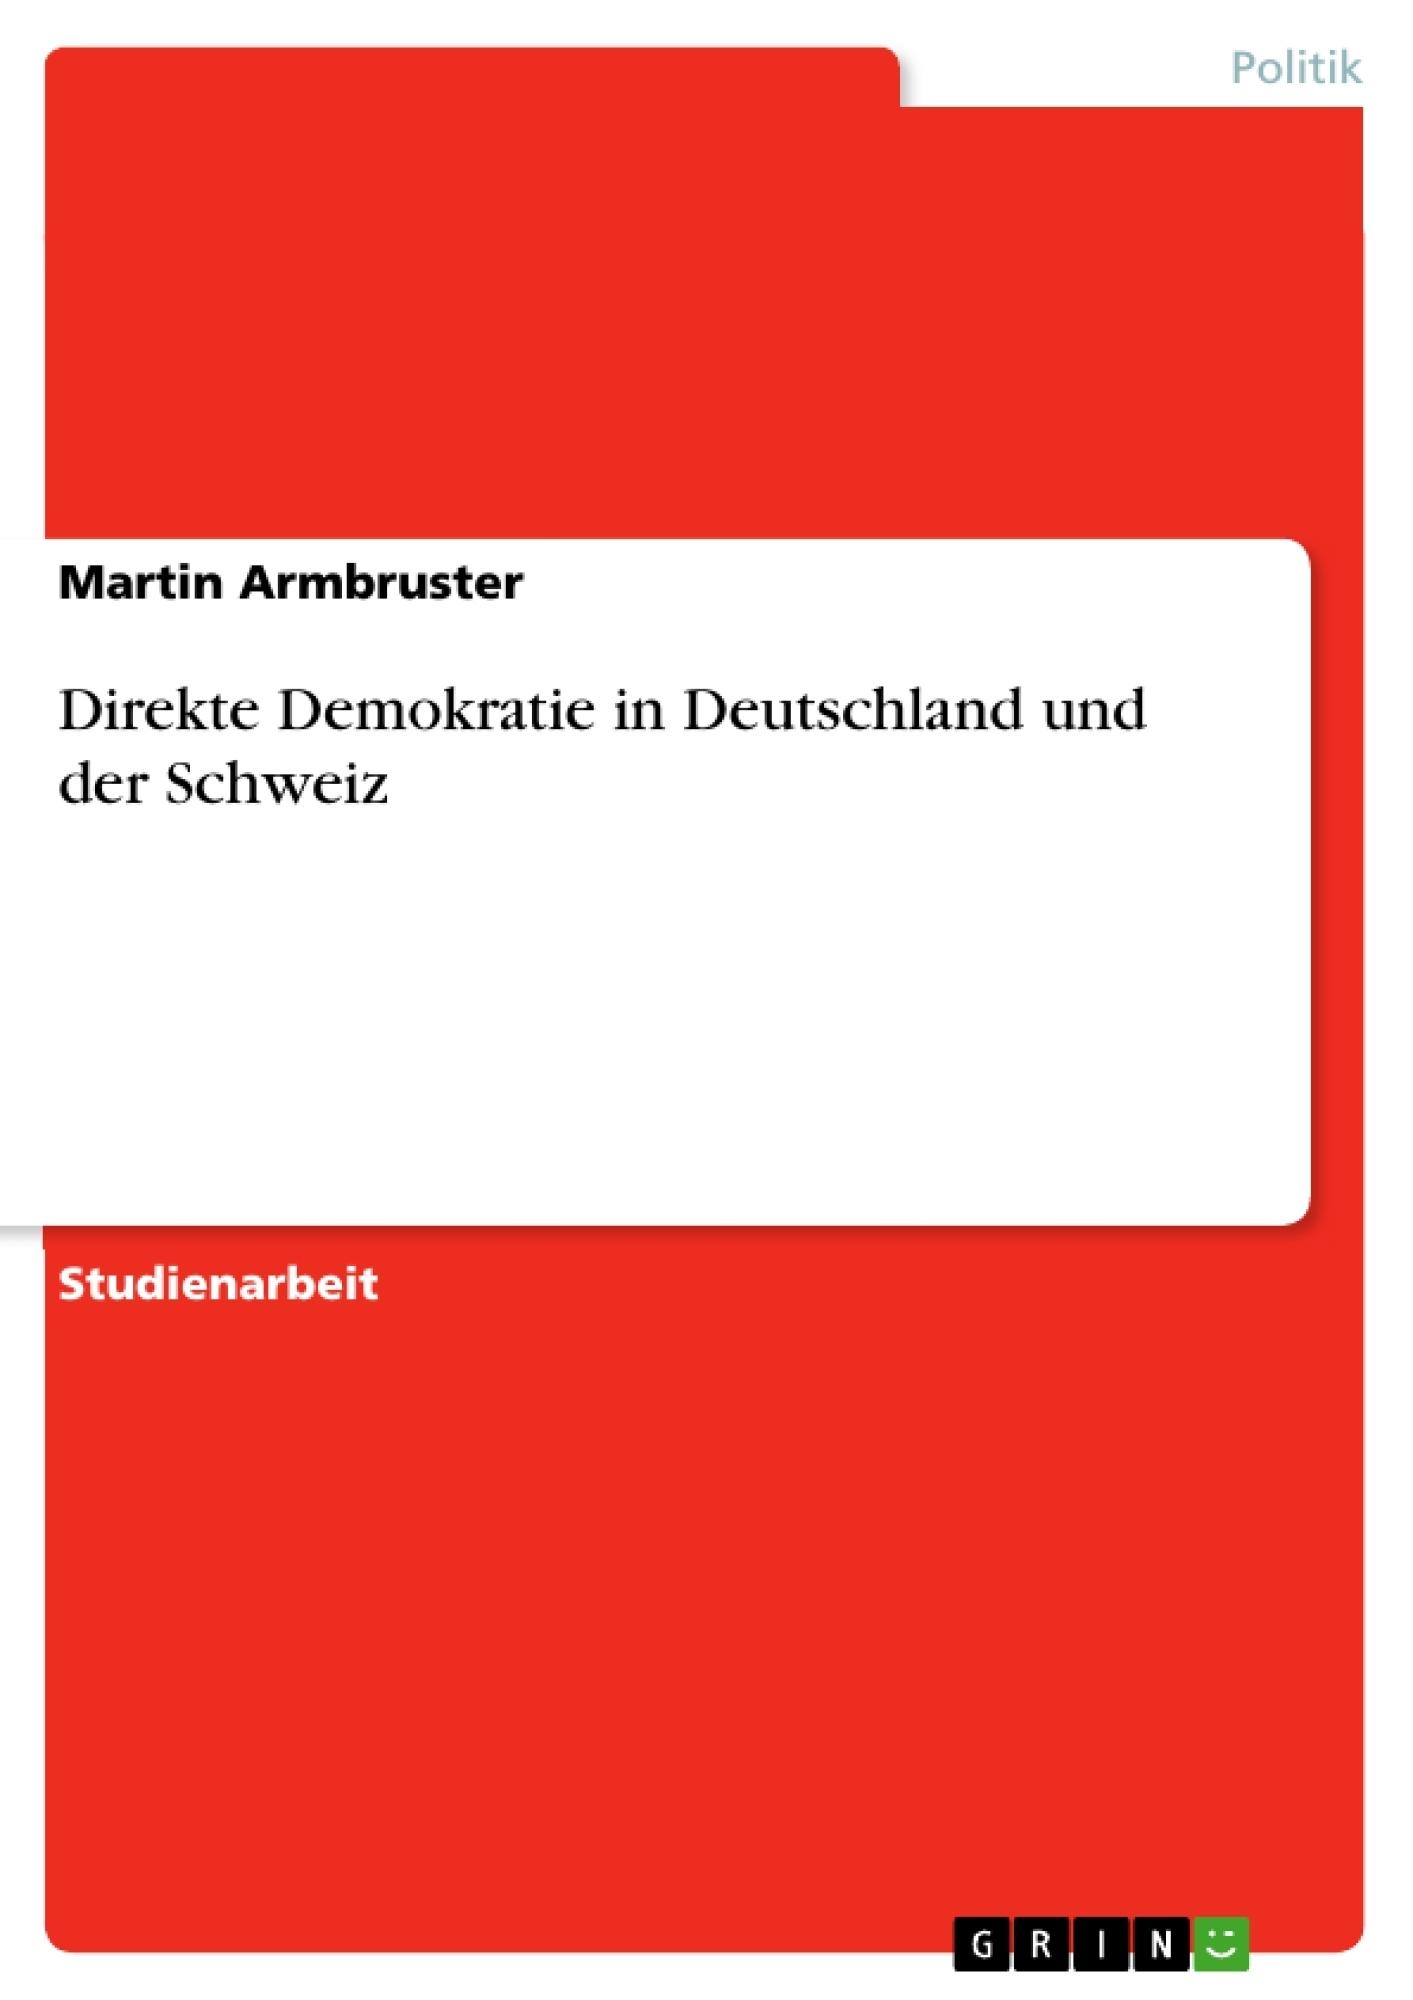 Titel: Direkte Demokratie in Deutschland und der Schweiz